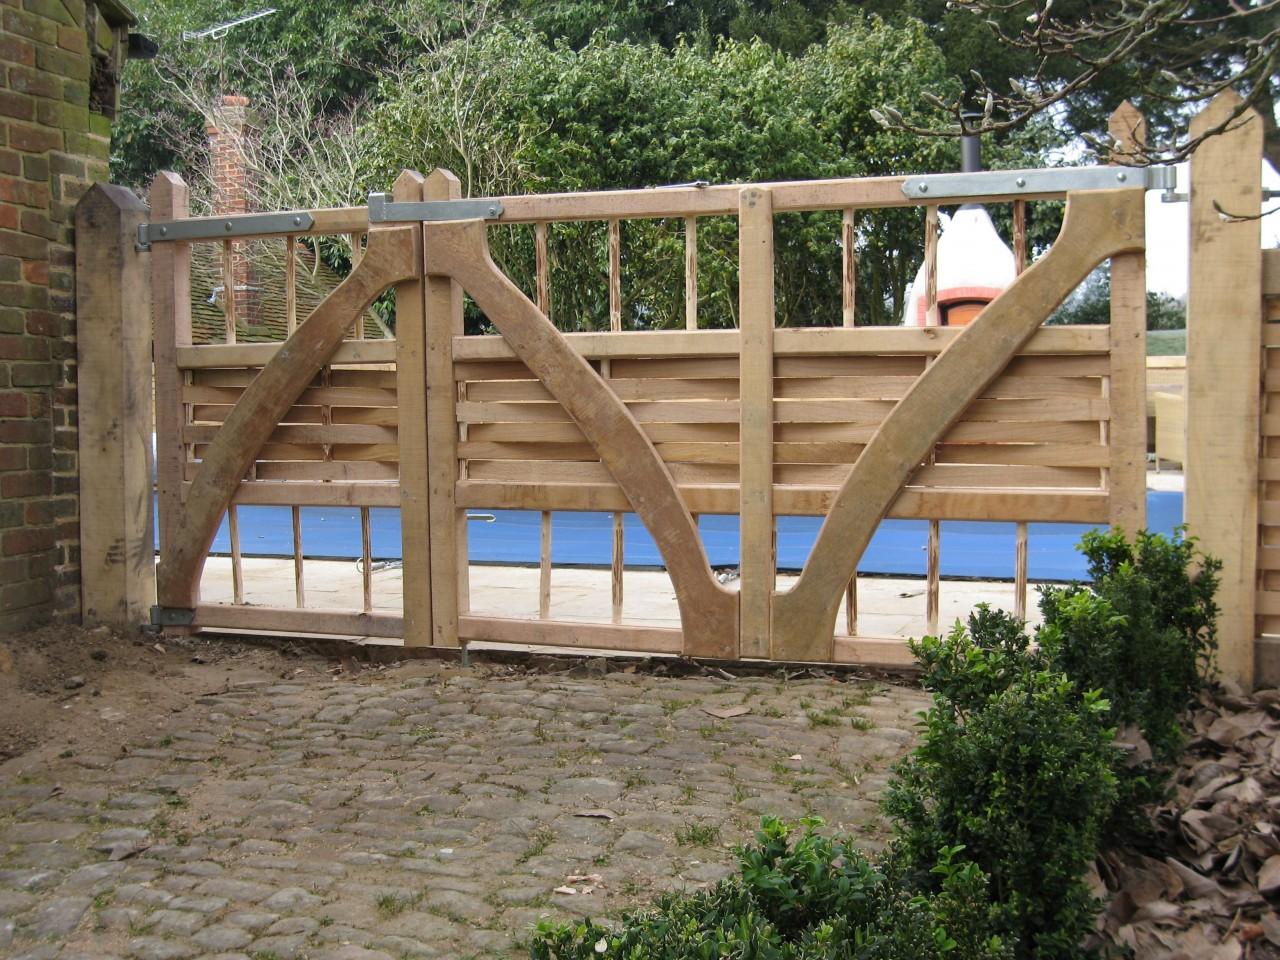 Bespoke gates and trellis